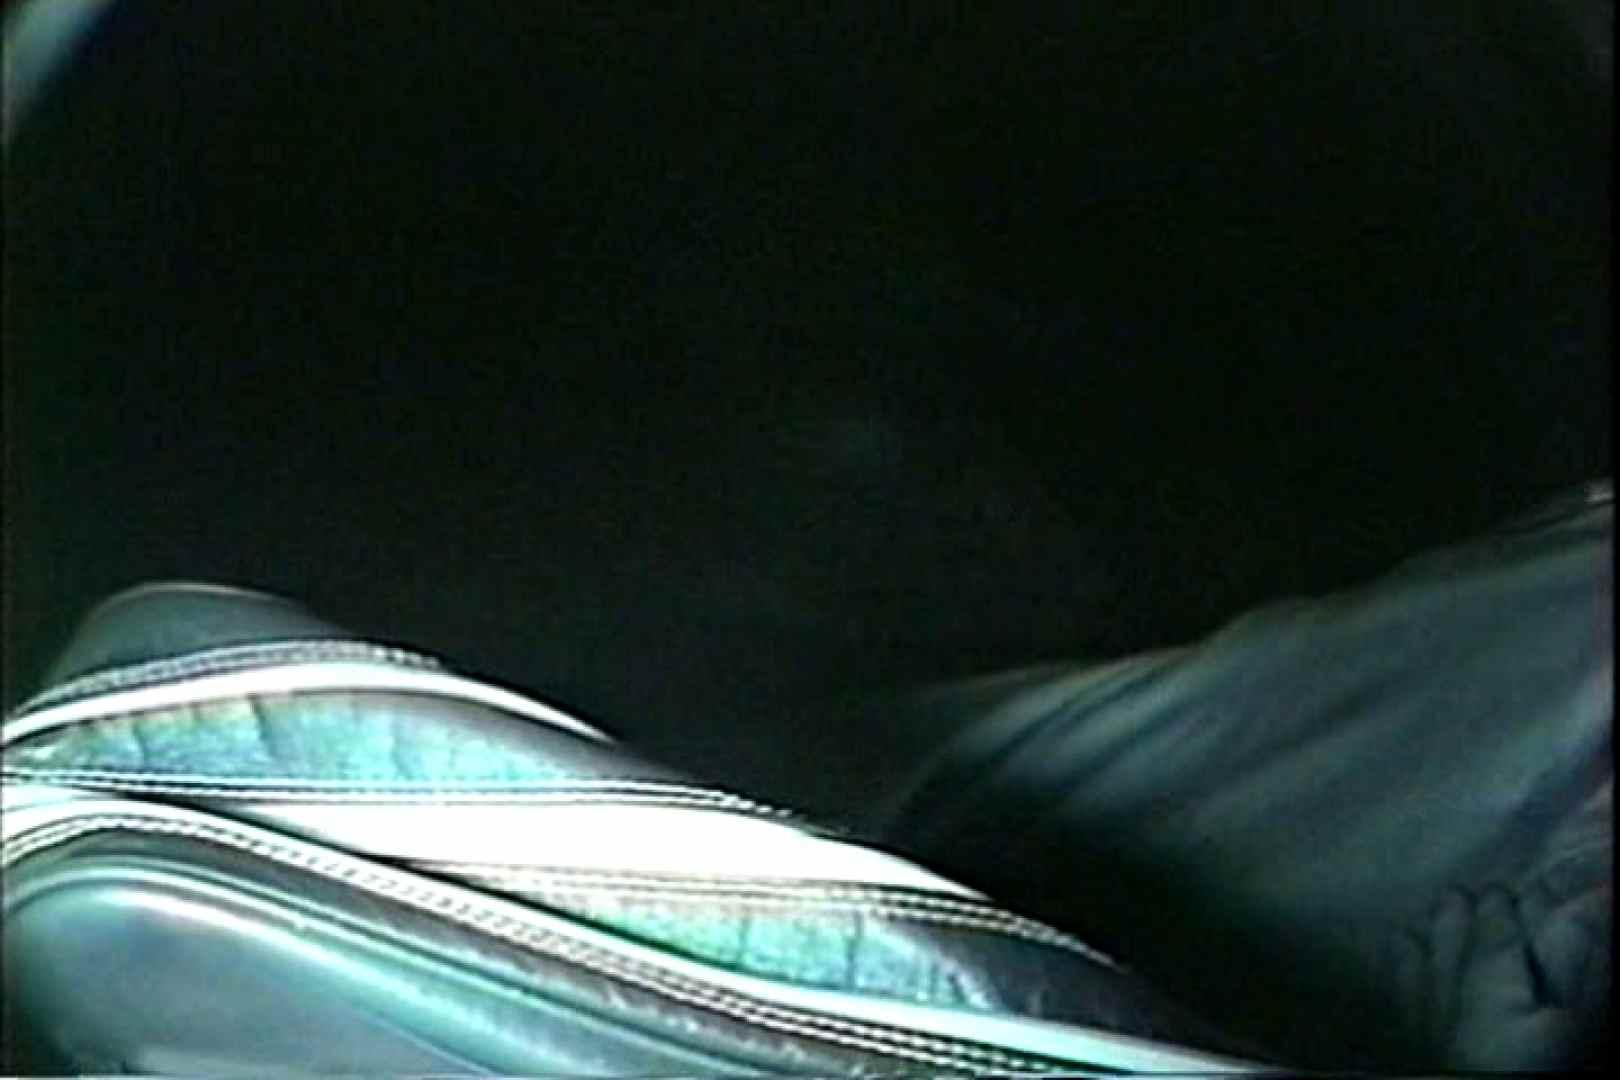 闇の仕掛け人 無修正版 Vol.17 セックス オマンコ動画キャプチャ 102pic 39